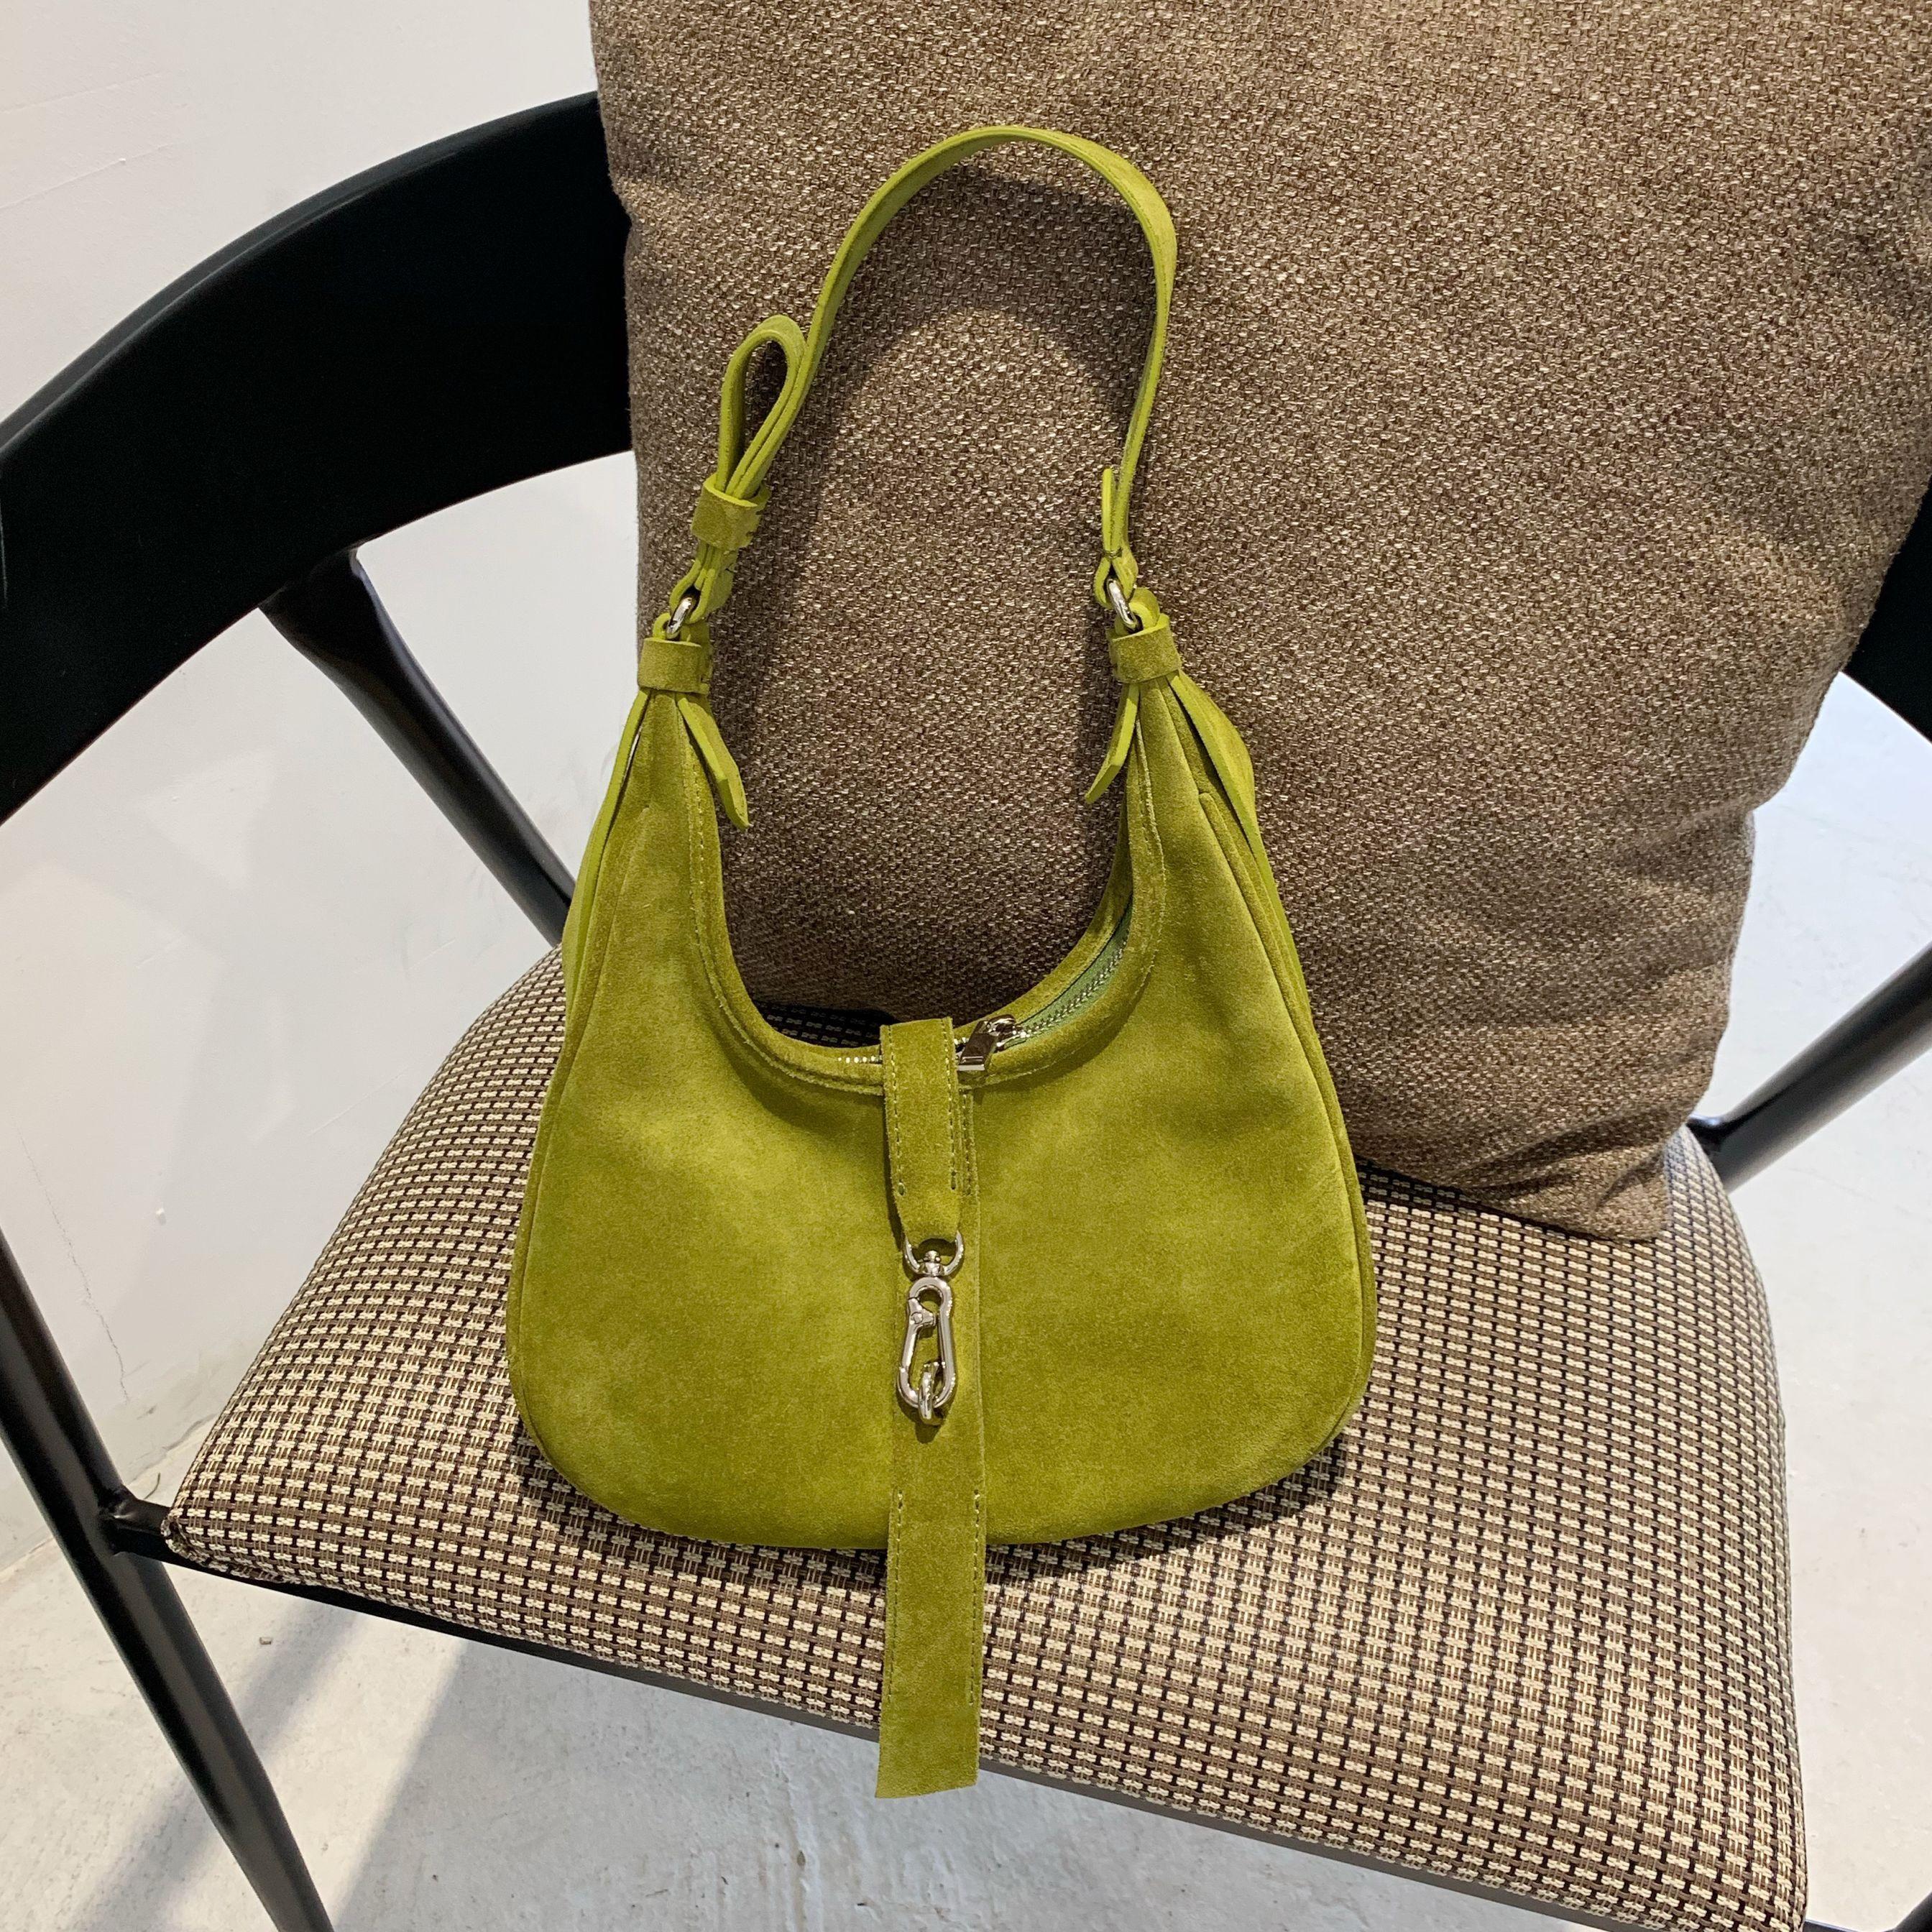 Top torby z uchwytami kobiet rozrywka nubuk na co dzień torebka Trendy zamszowe zielona torebka darmowa wysyłka projektant torba na ramię w Torebki na ramię od Bagaże i torby na  Grupa 2